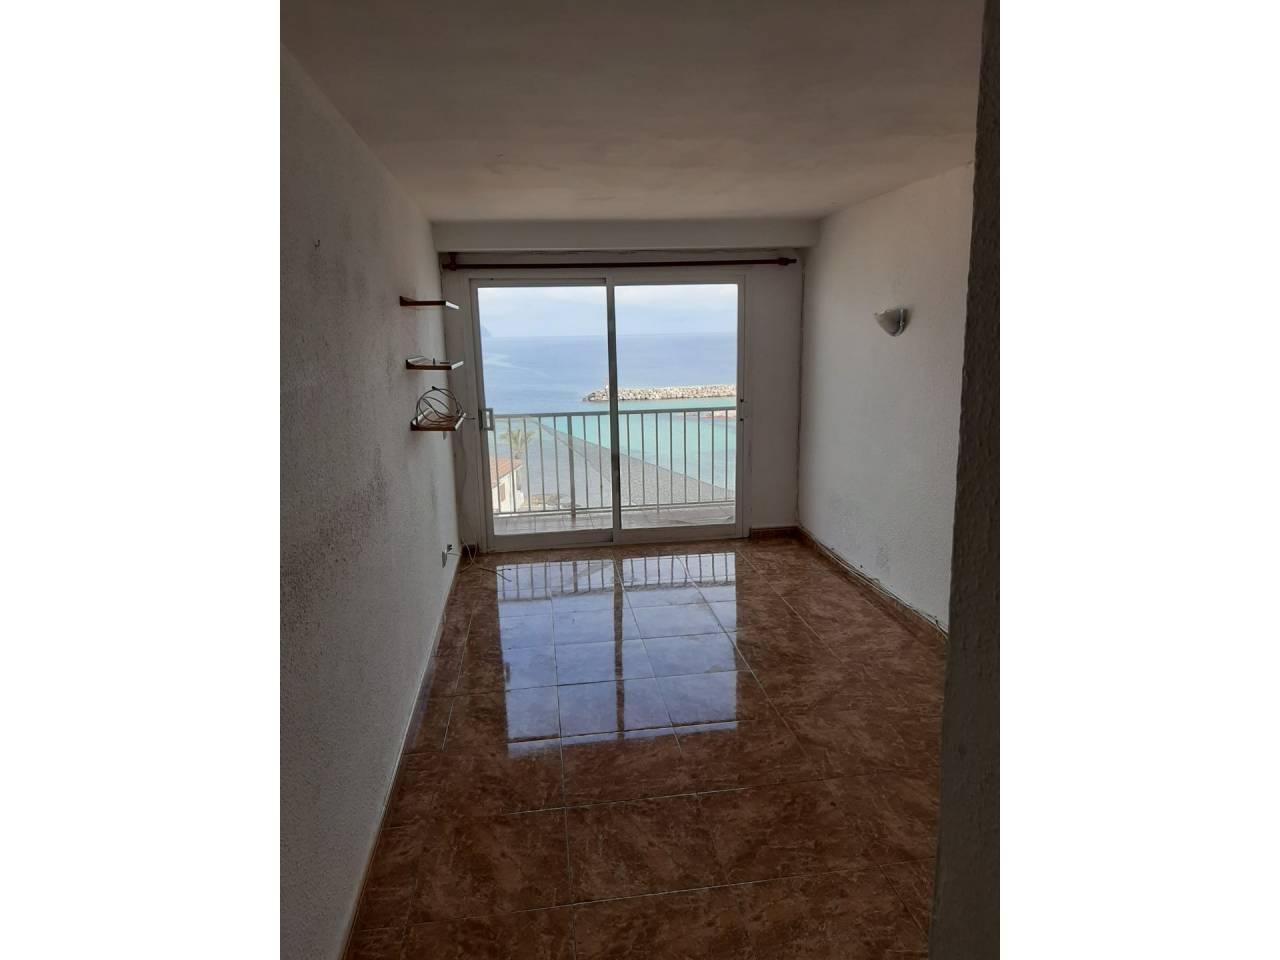 Affitto Appartamento  Ca´n picafort. Piso con vistas al mar de una habitacion doble con armario empor